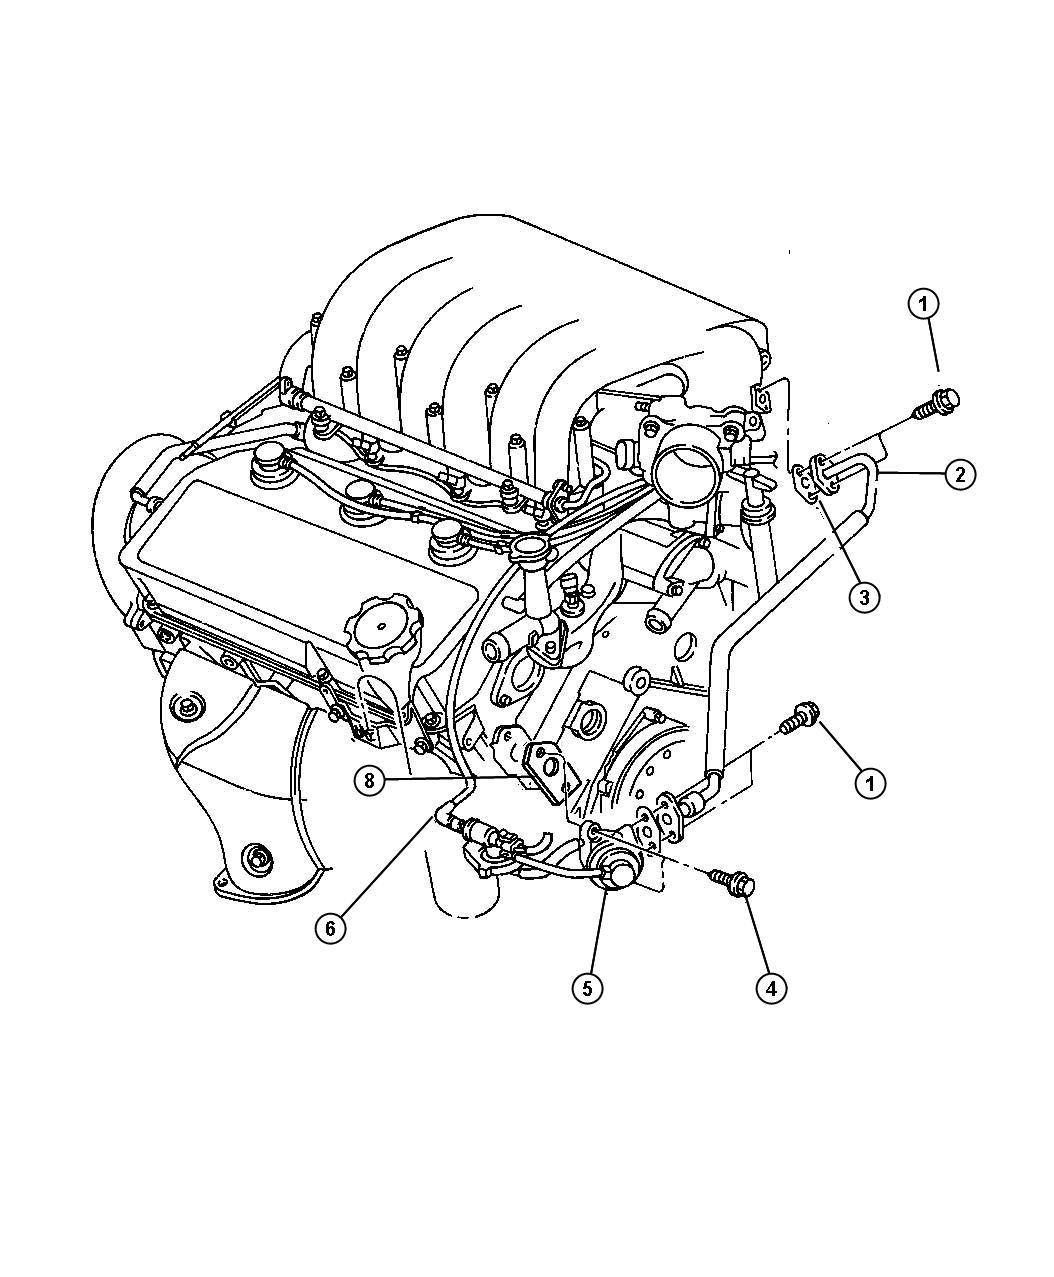 1997 chrysler sebring 2 5l v6 sohc 24v smpi  4